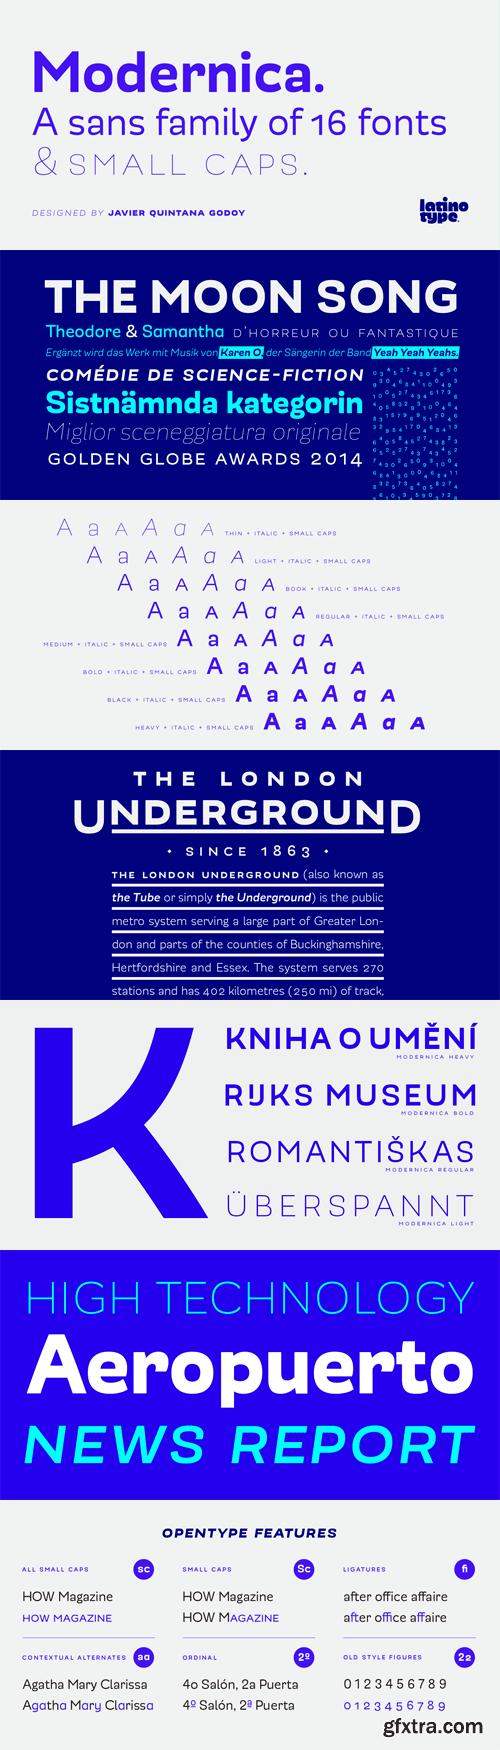 Modernica Font Family - 16 Fonts for $189